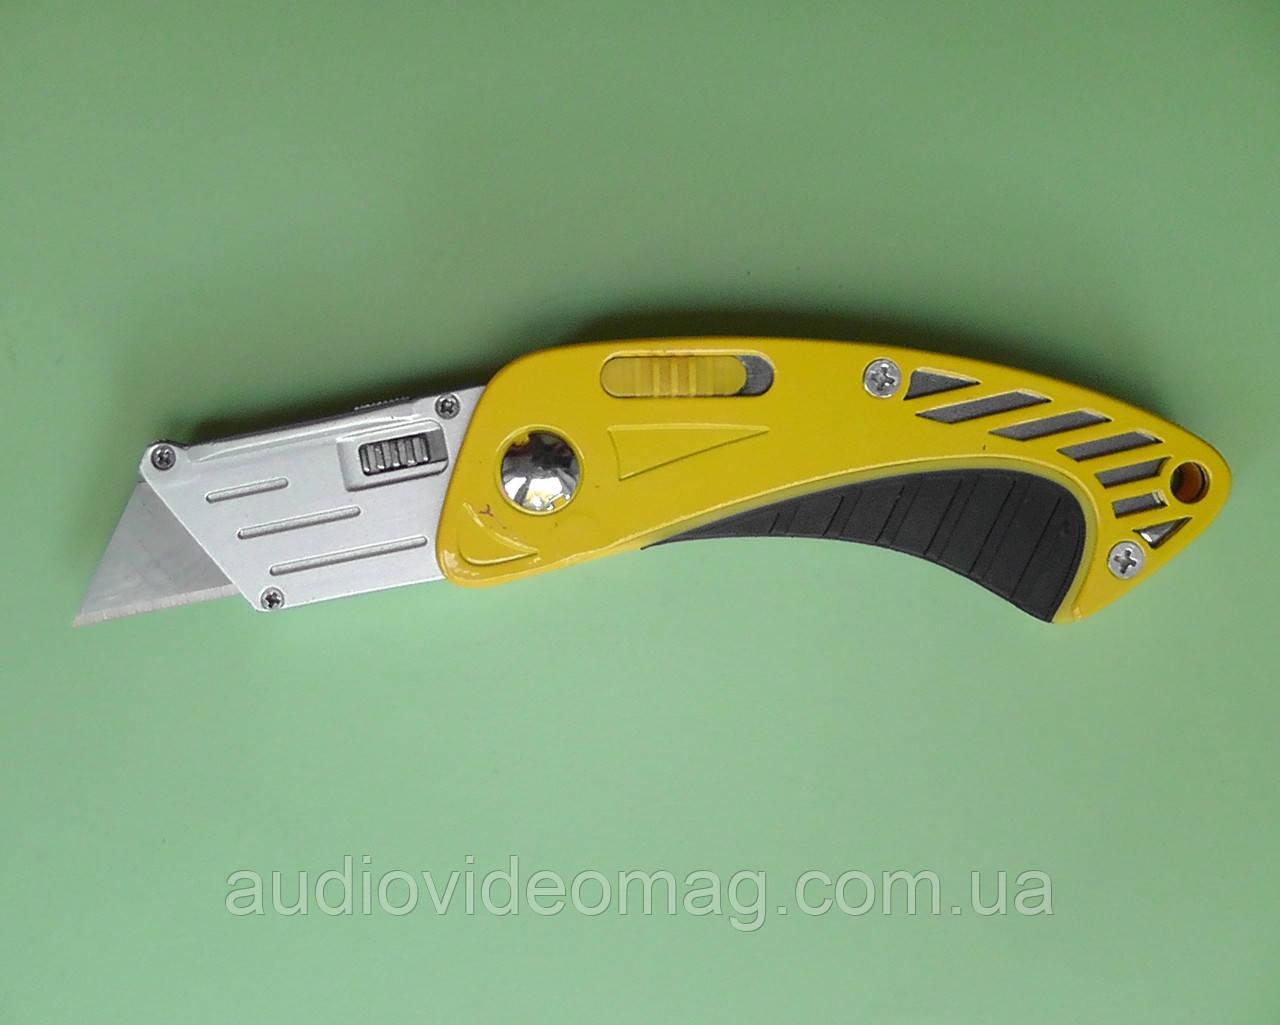 Нож строительный складной с трапециевидным лезвием